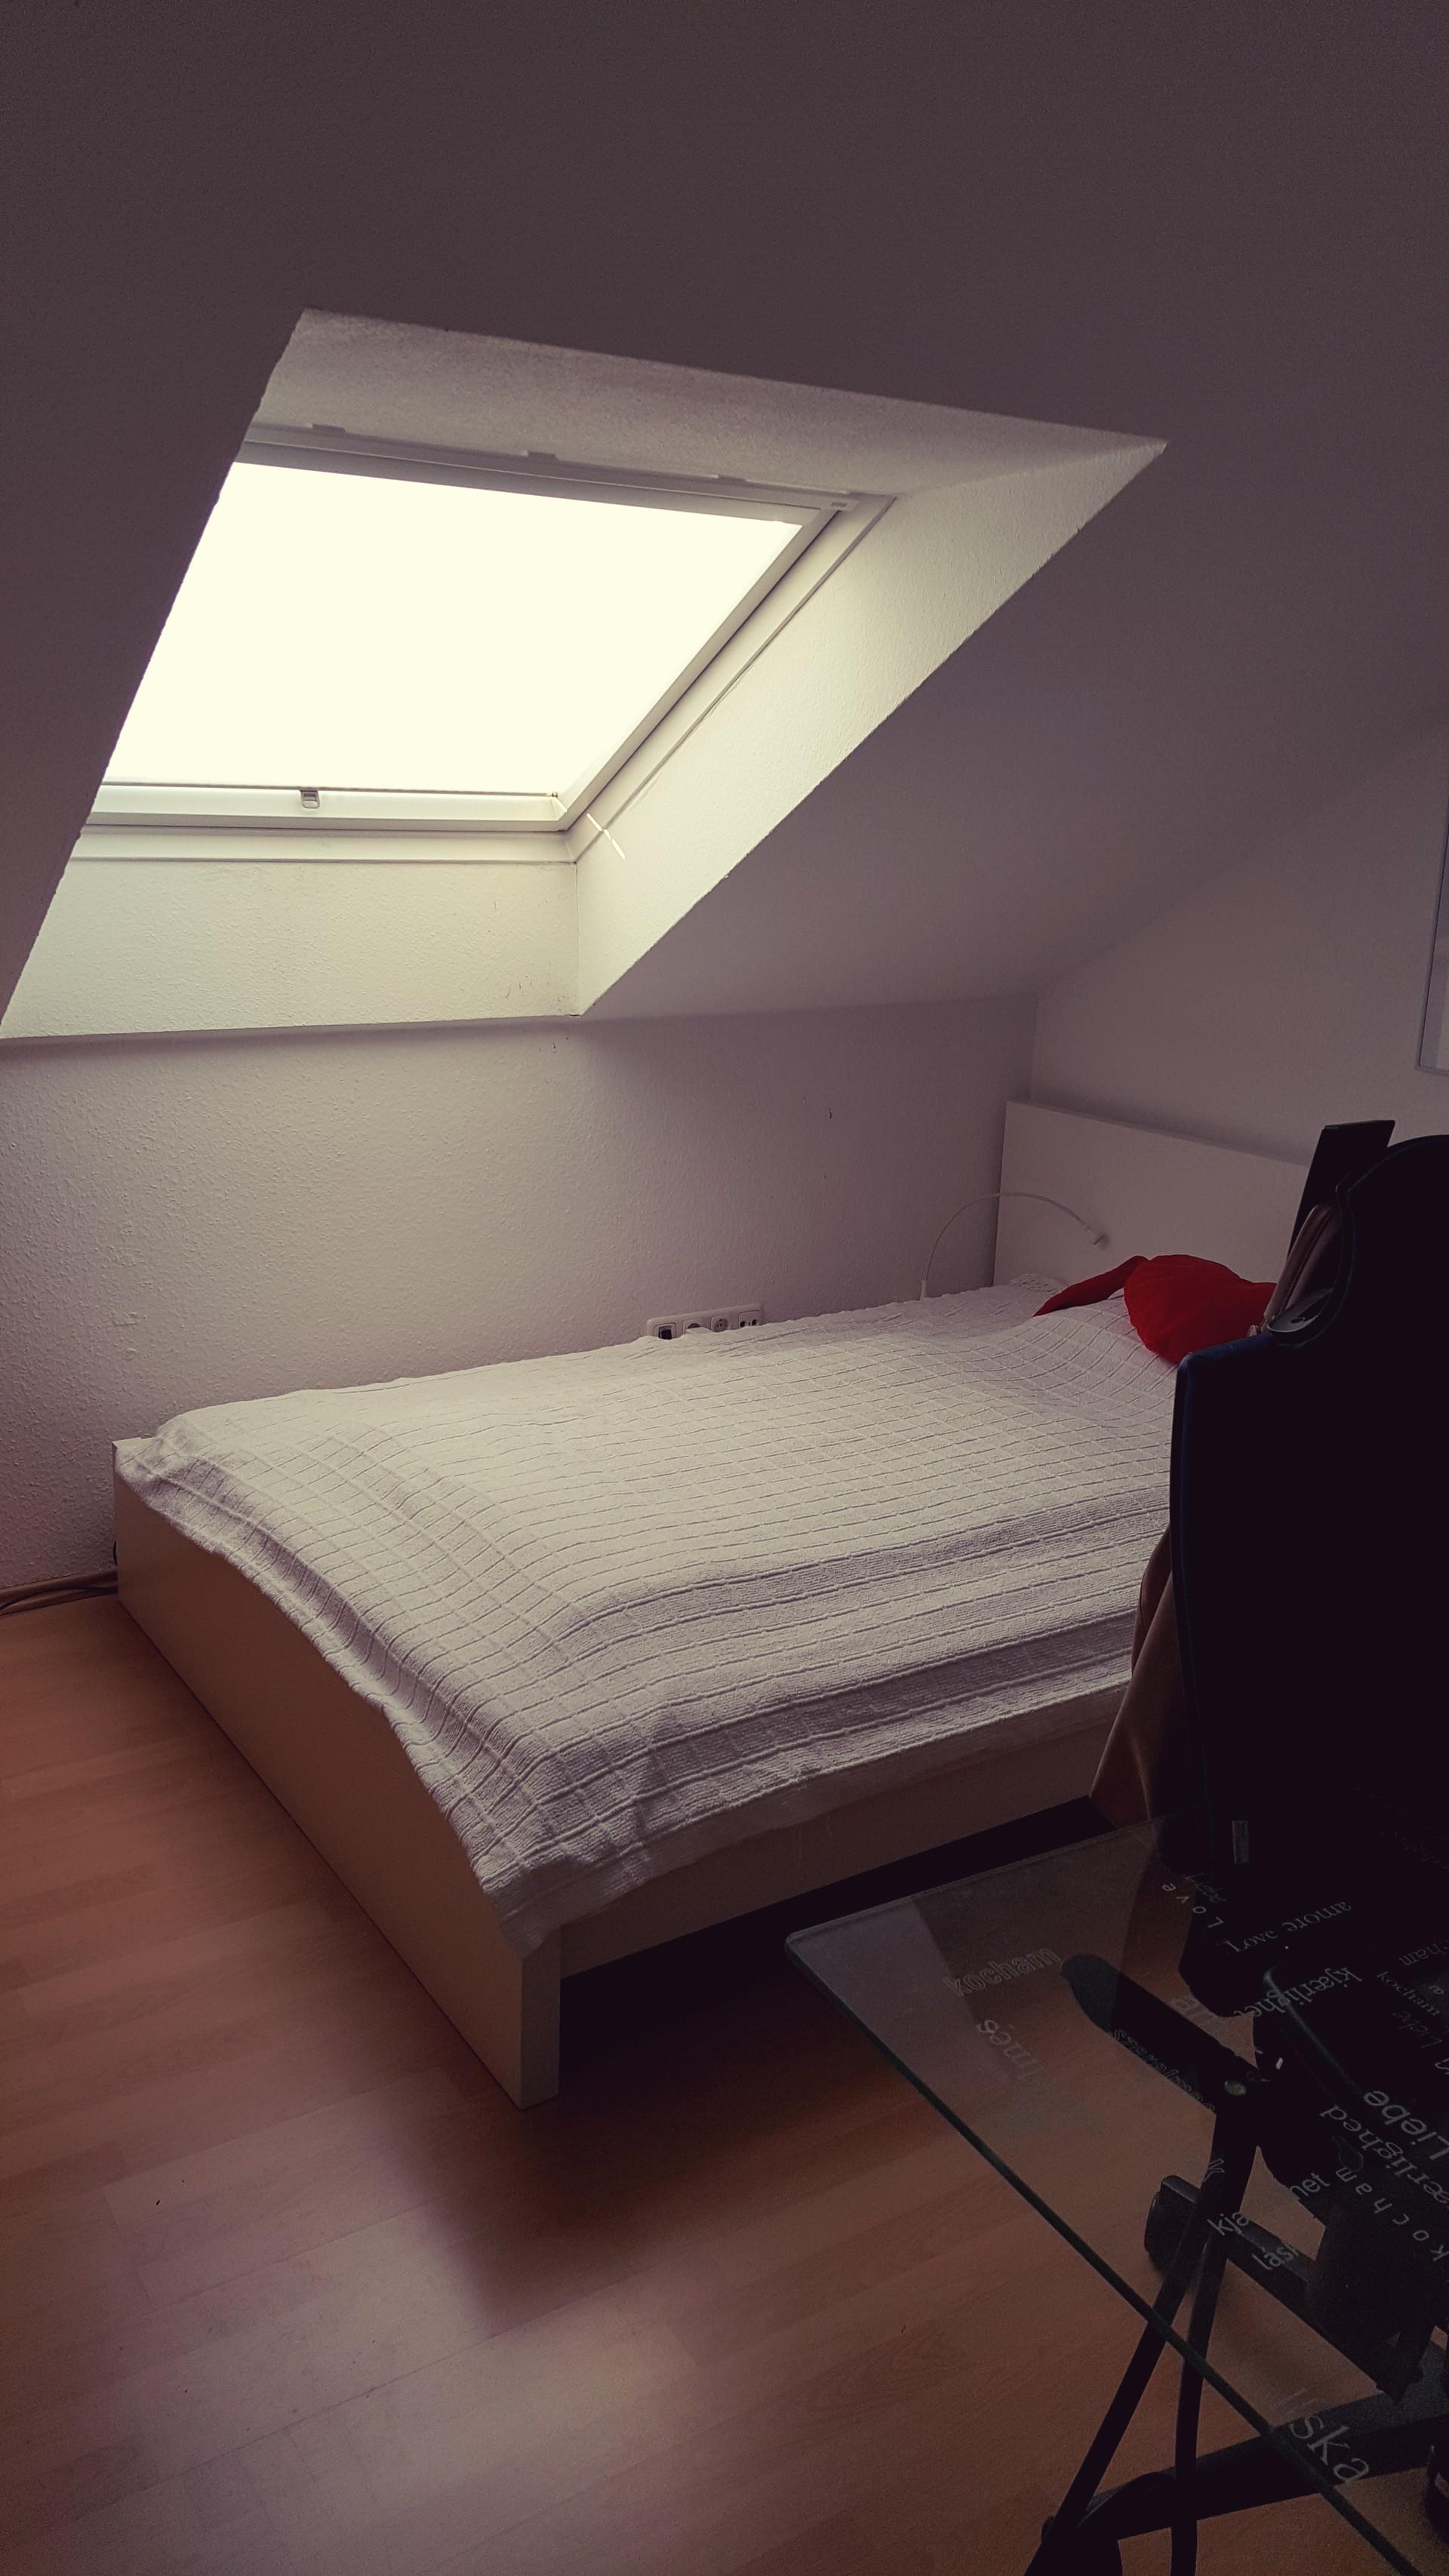 benvenuto-francoforte-meno-camera-singola-in-appartamento-ad17249383be12b07a74c38ec5080e4f